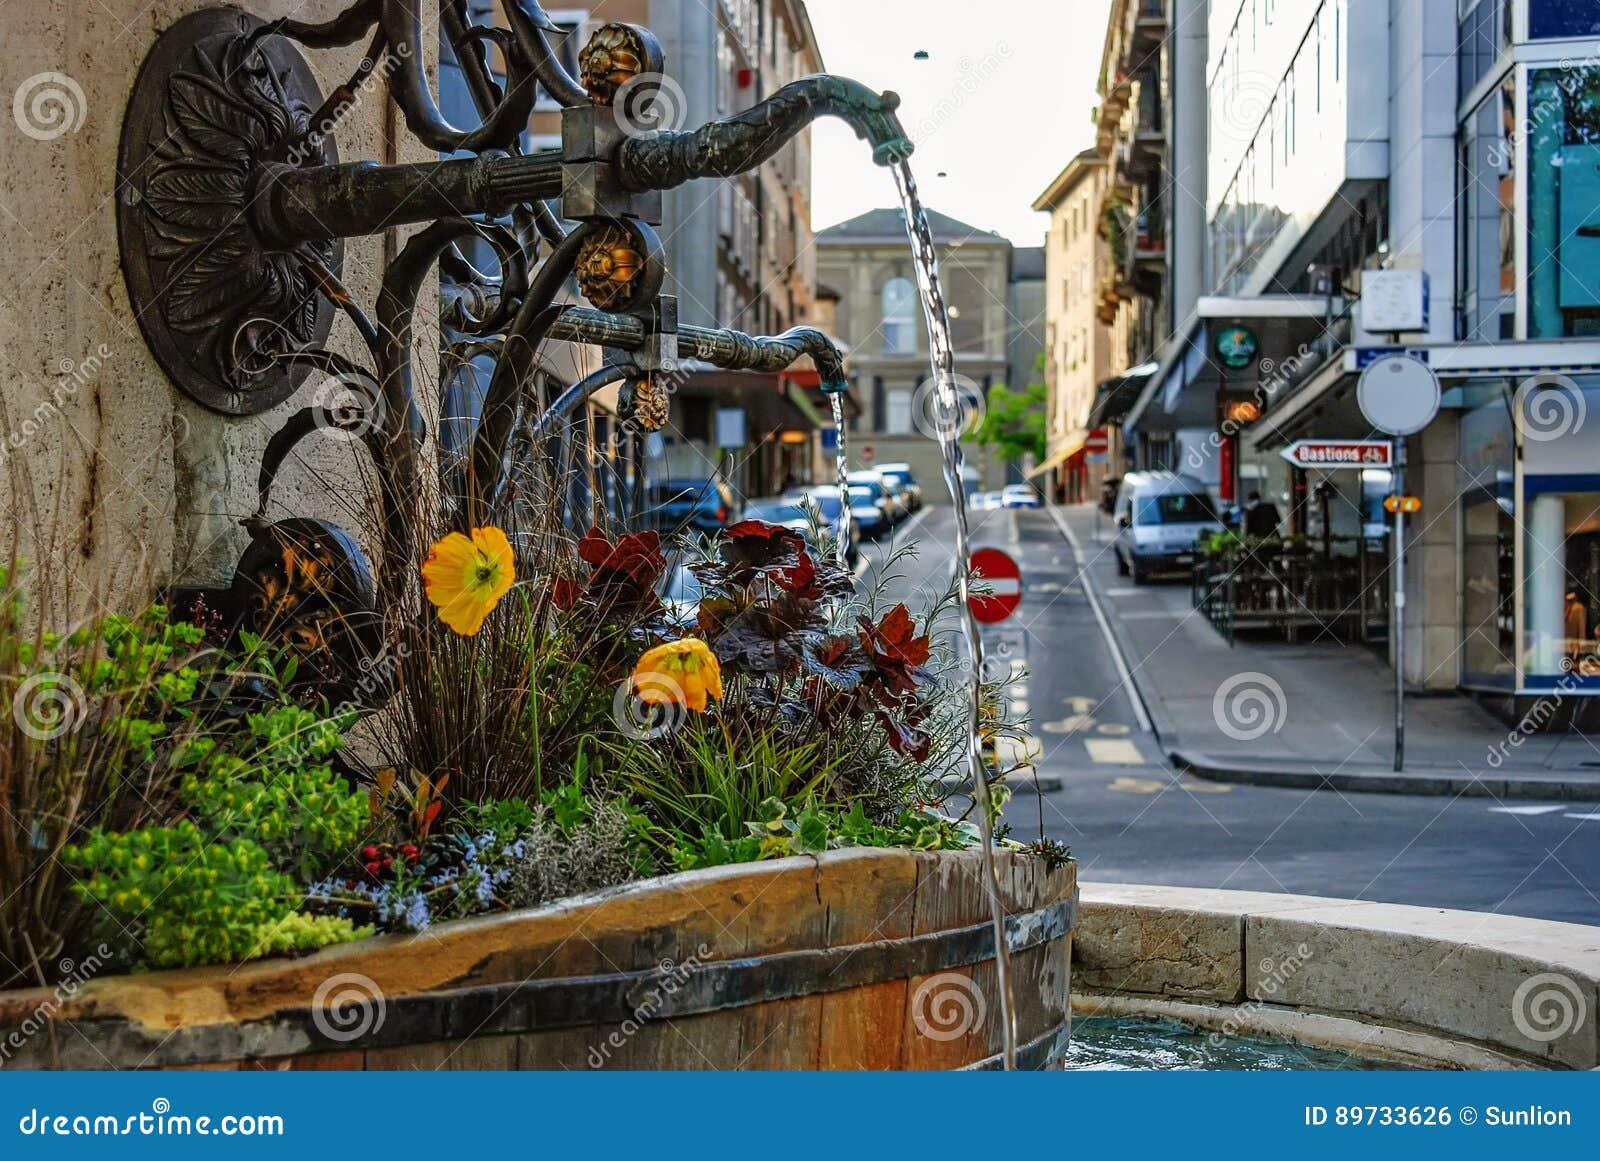 日内瓦 瑞士 日内瓦市都市风景